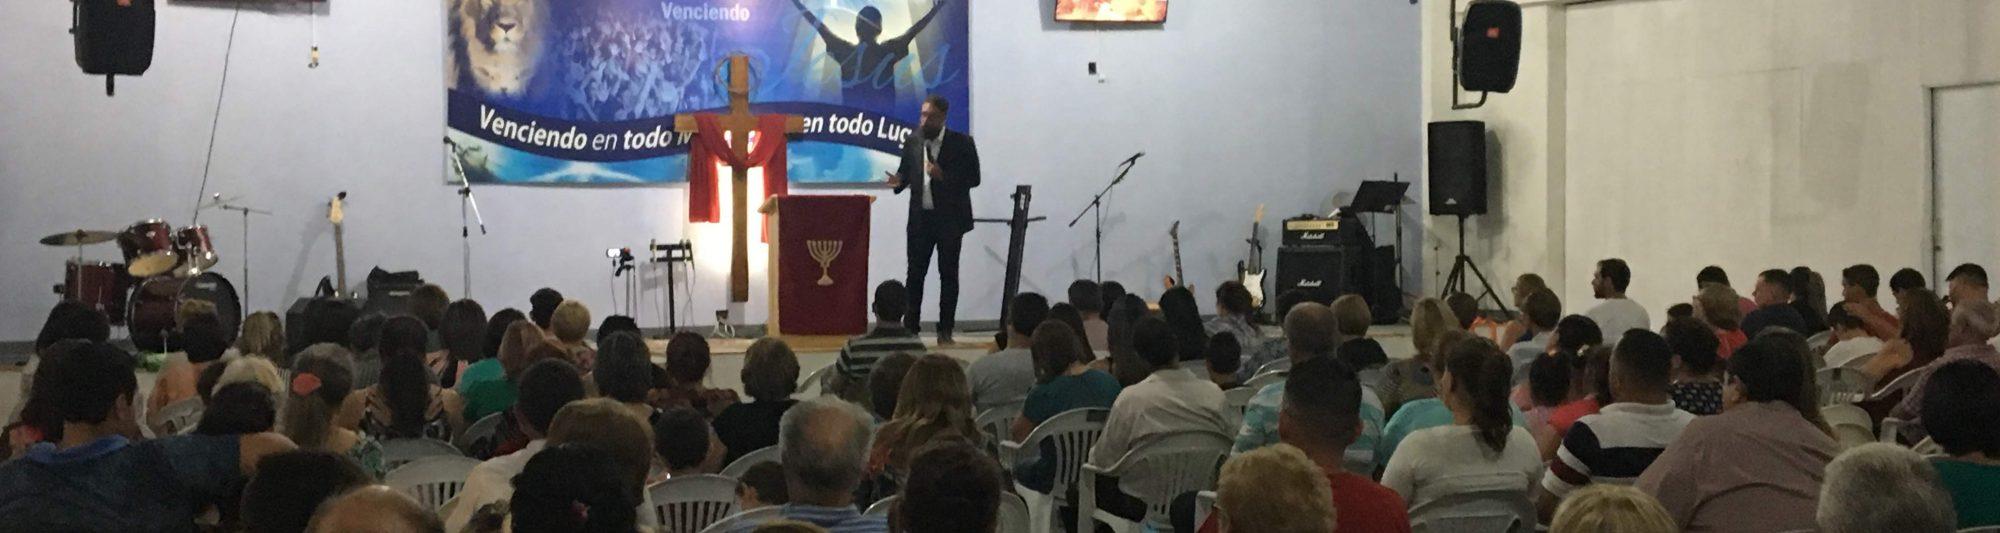 Apóstolo Ricardo Ribeiro